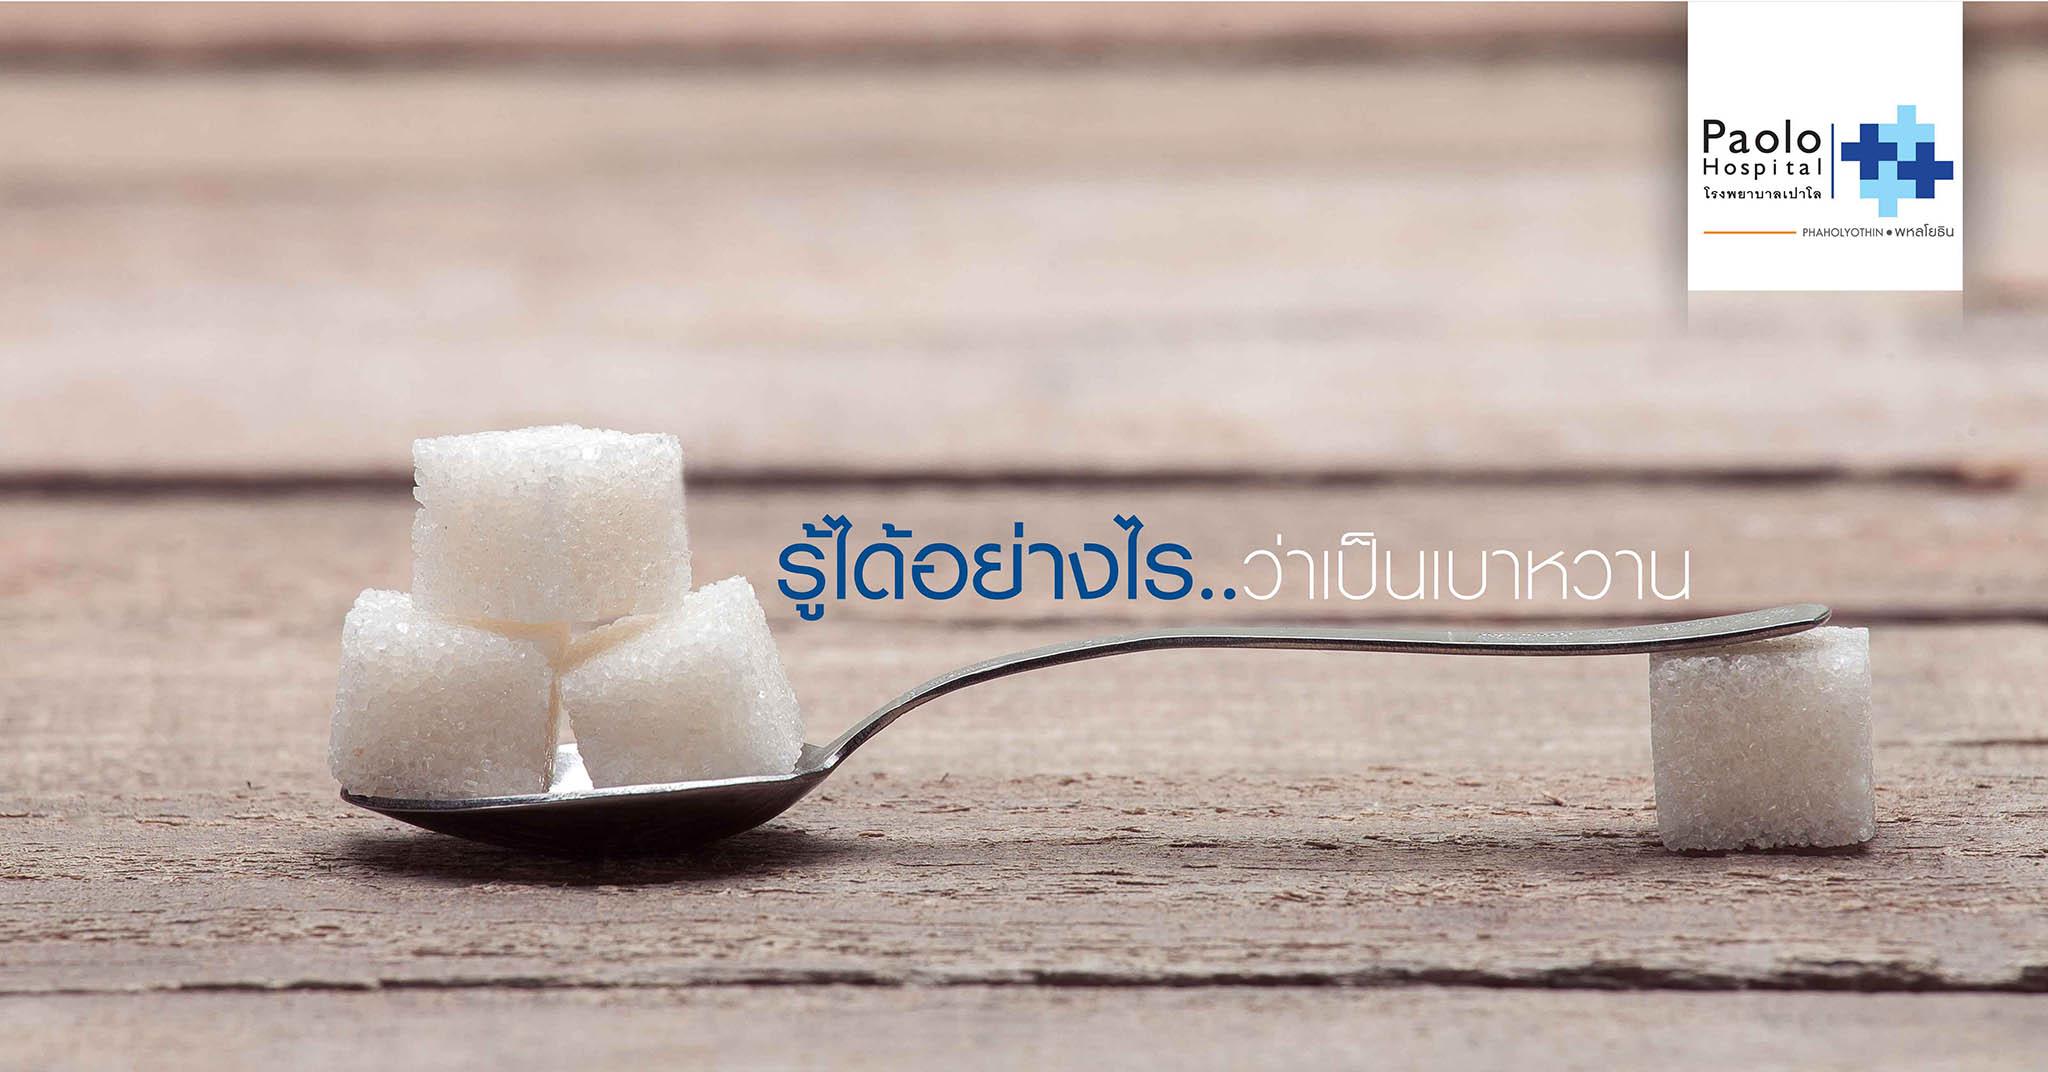 รู้ได้อย่างไร ว่าเป็นเบาหวาน?